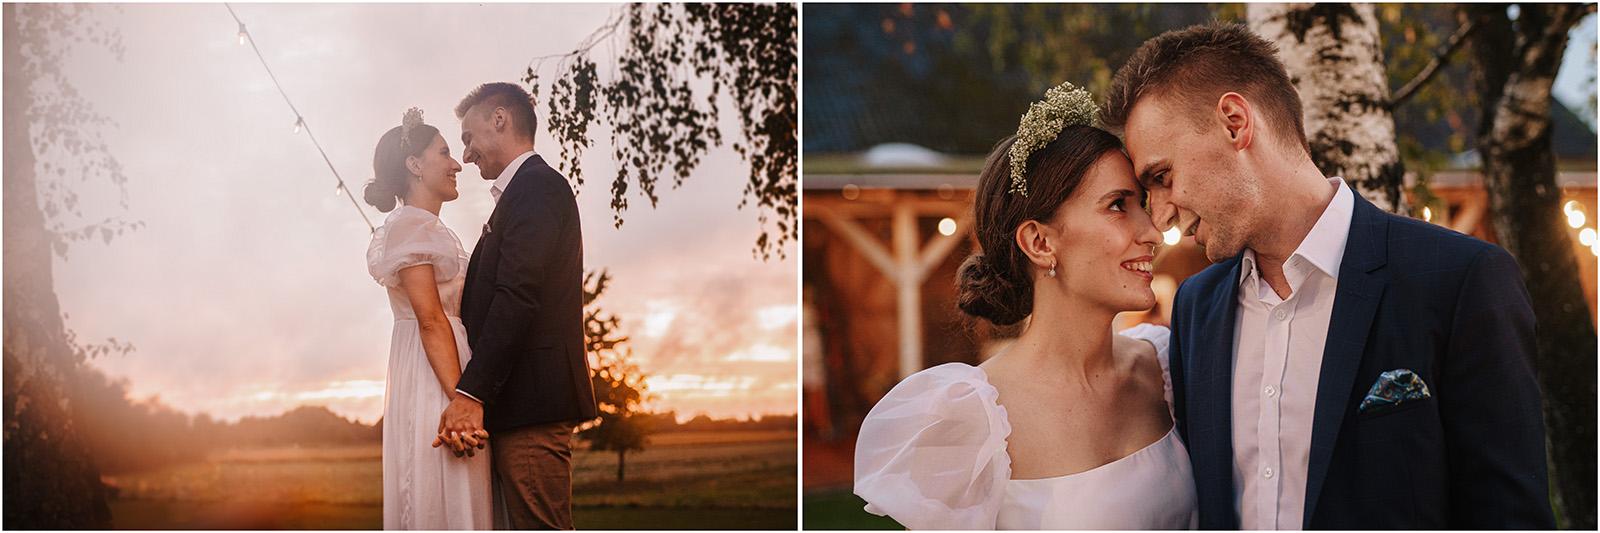 Karolina & Michał | wesele w stodole Dyrkowo 48